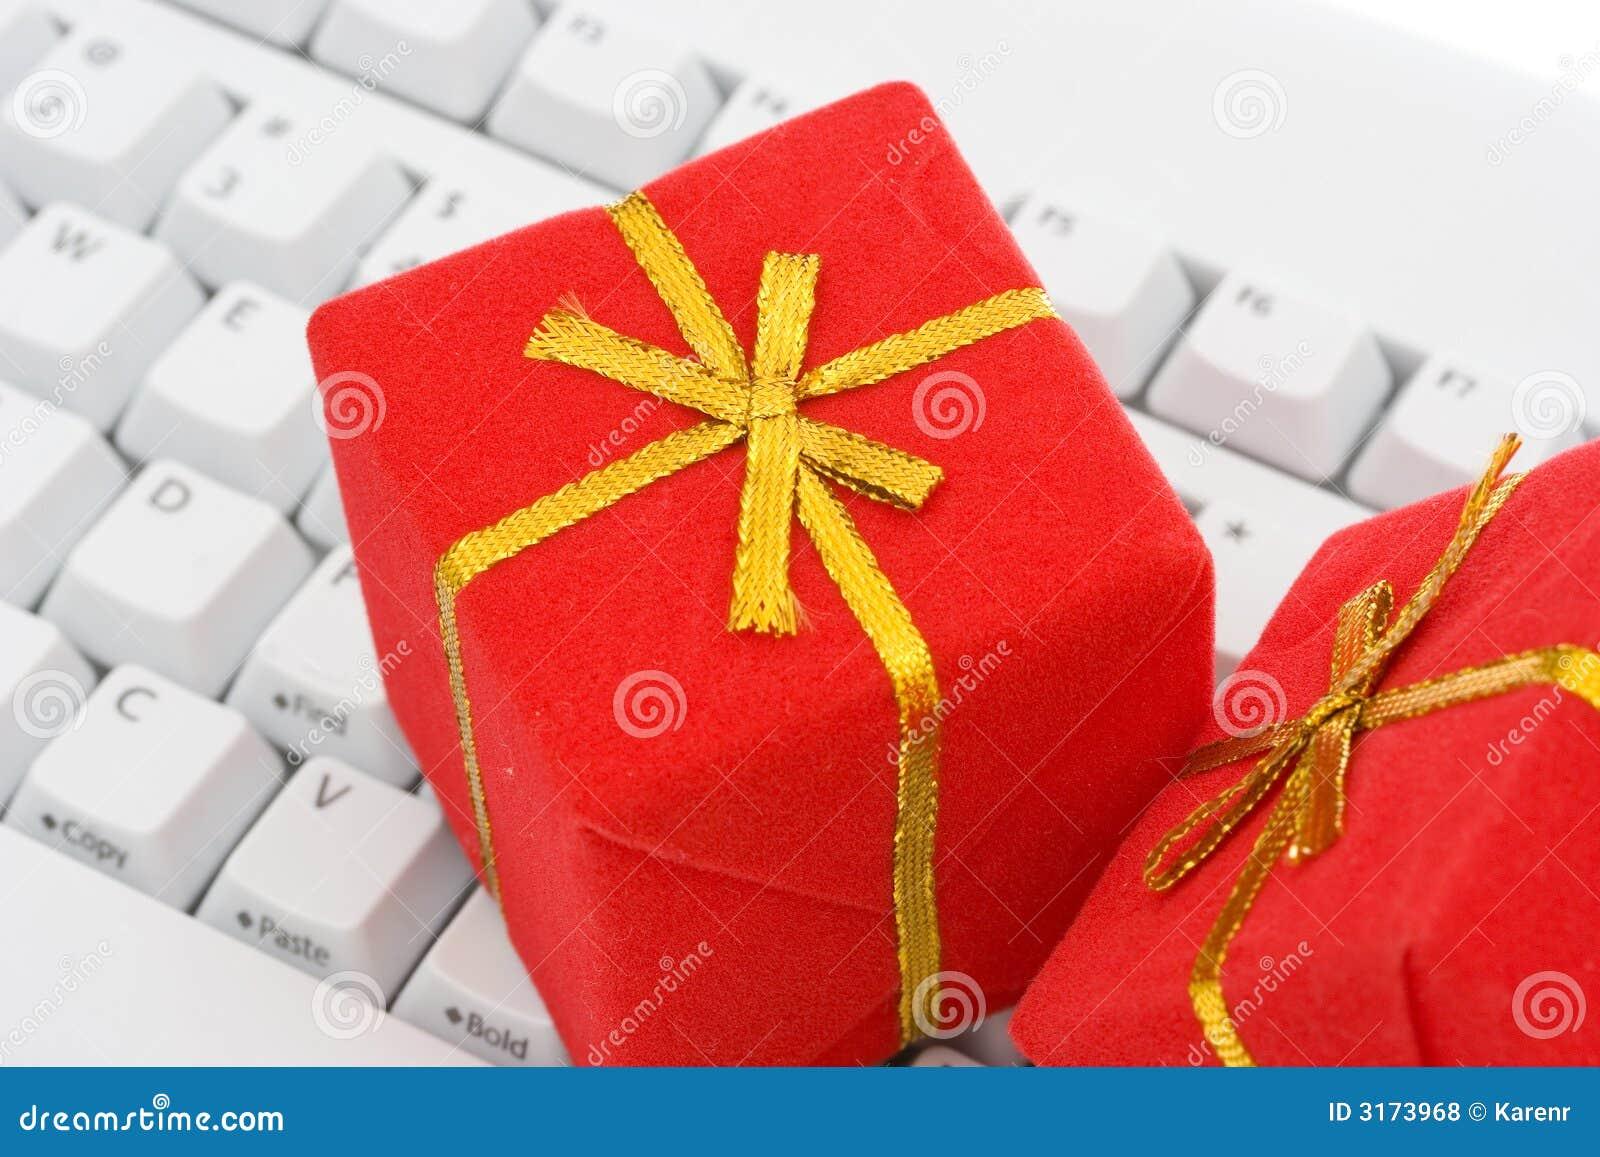 Clavier avec cadeaux